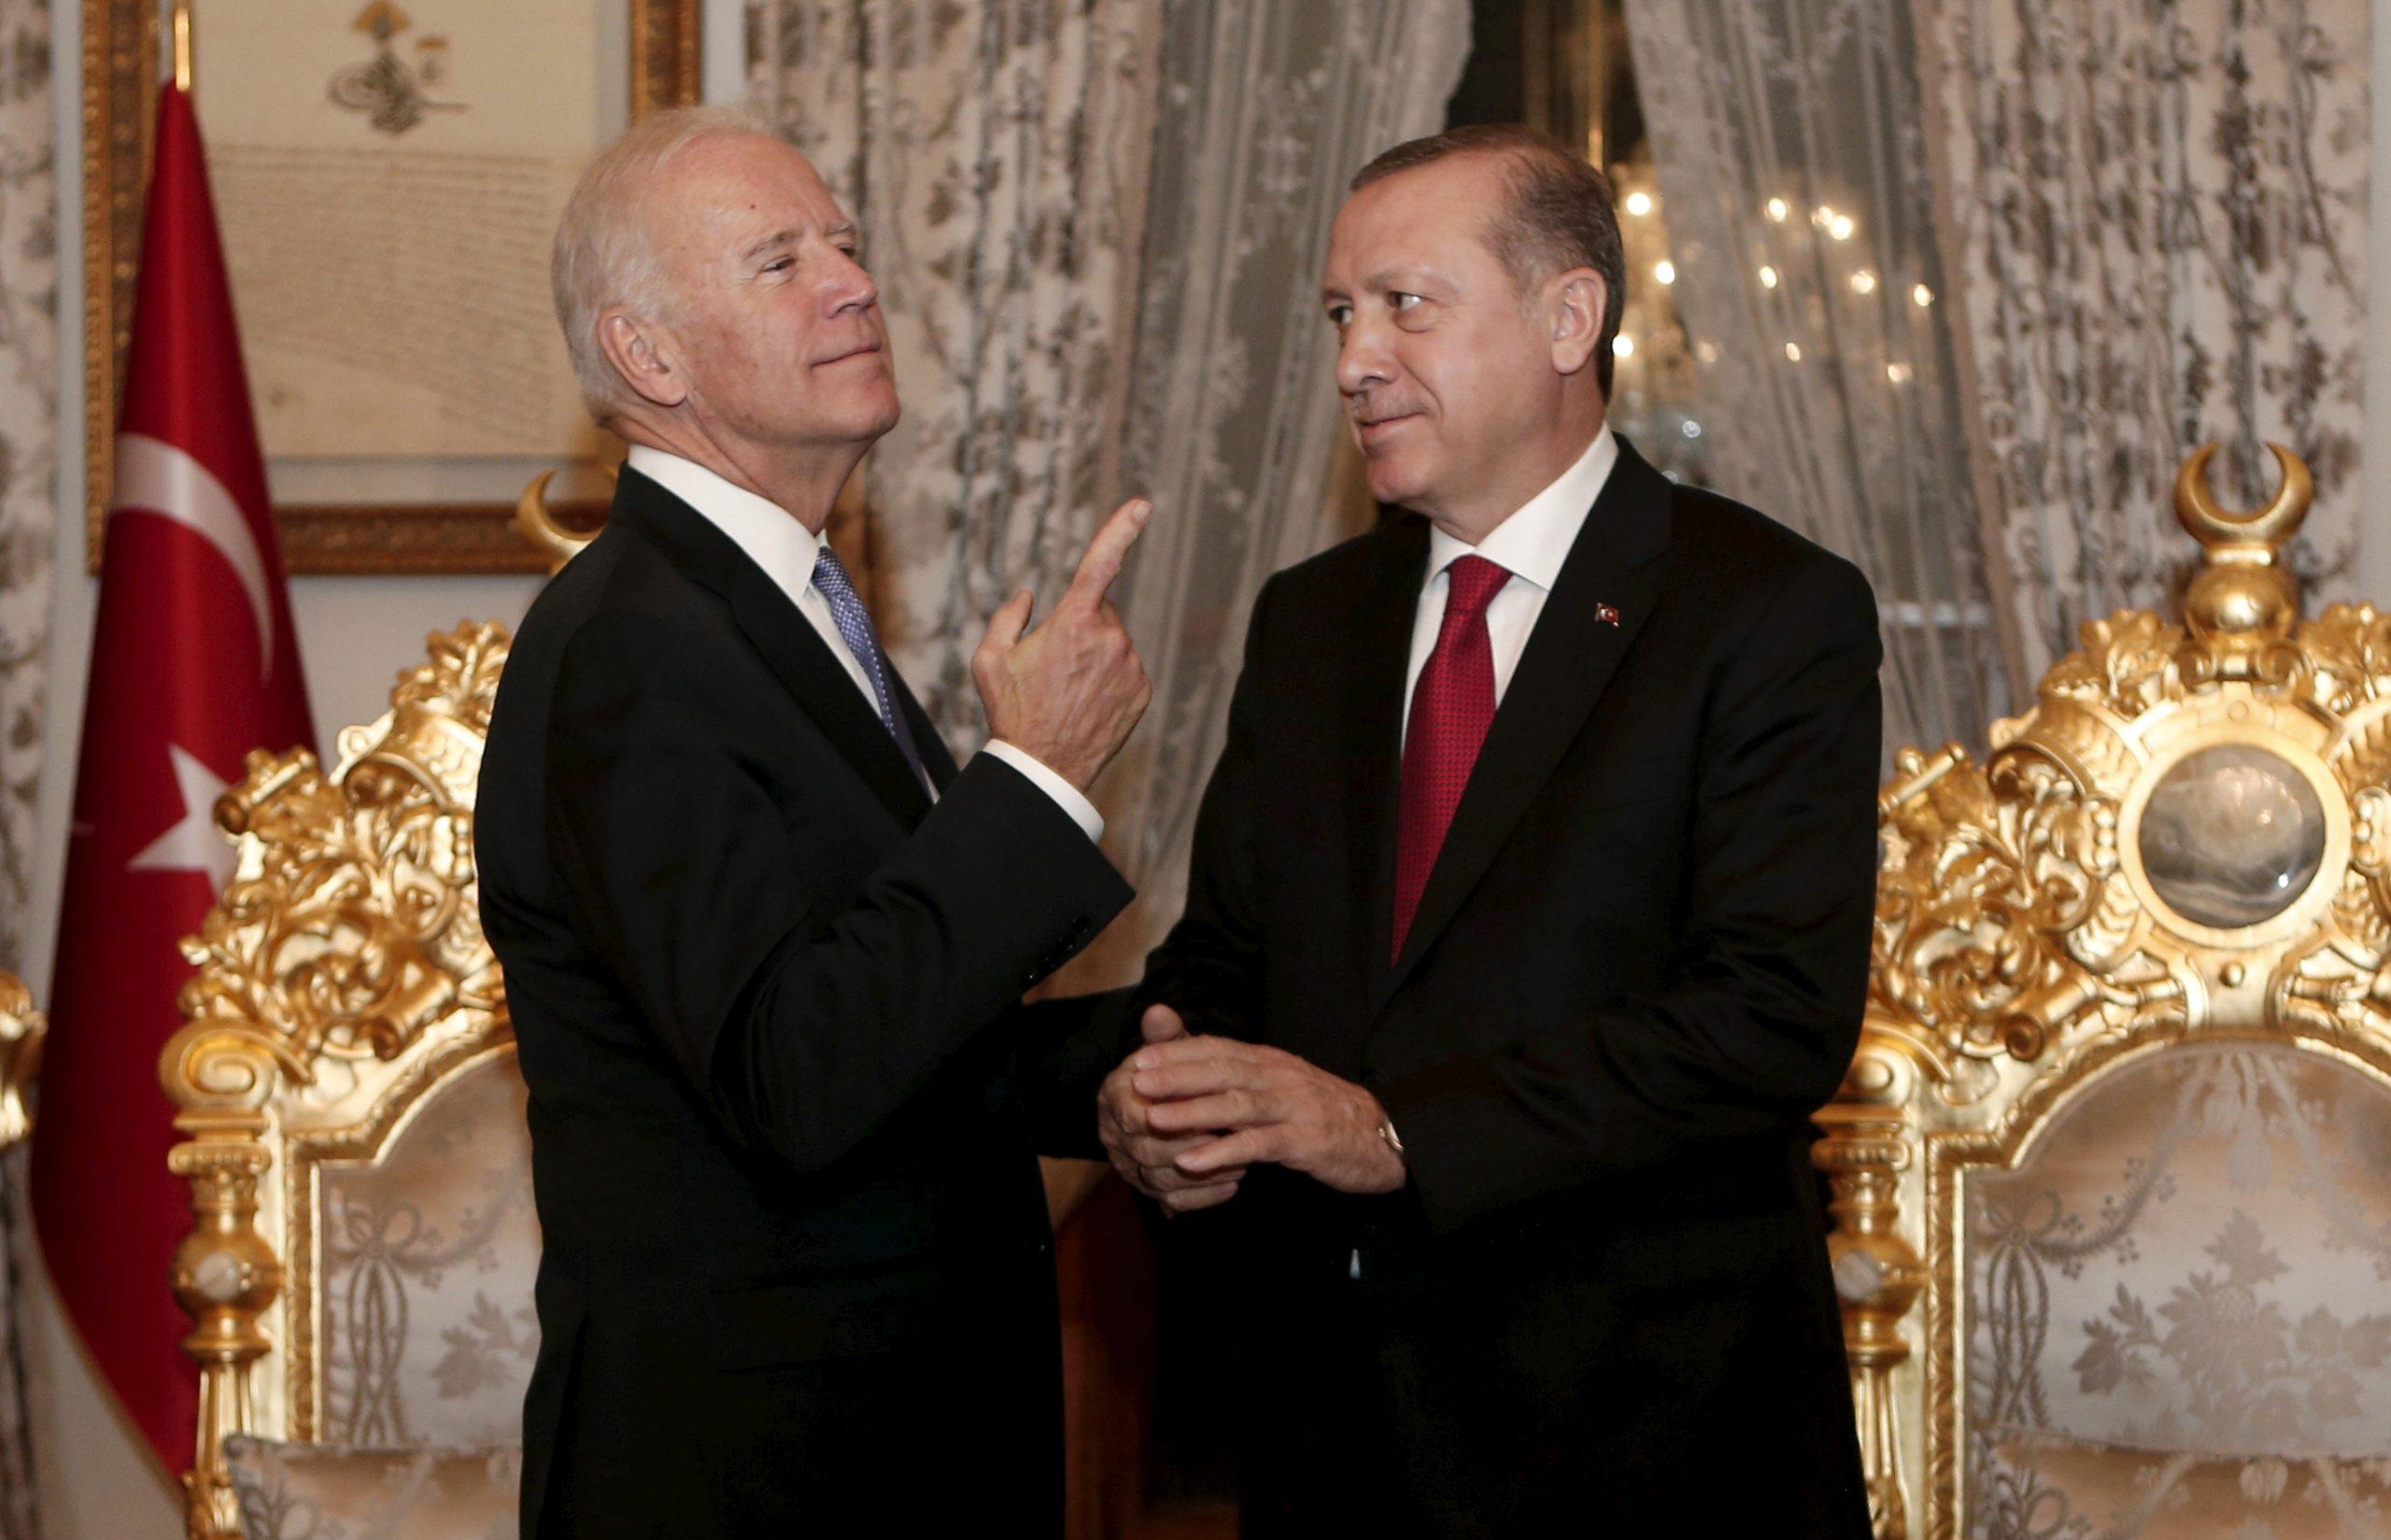 Ερντογάν στον Μπάιντεν: «Δεν υπάρχουν προβλήματα μεταξύ μας που δεν είναι λύνονται»